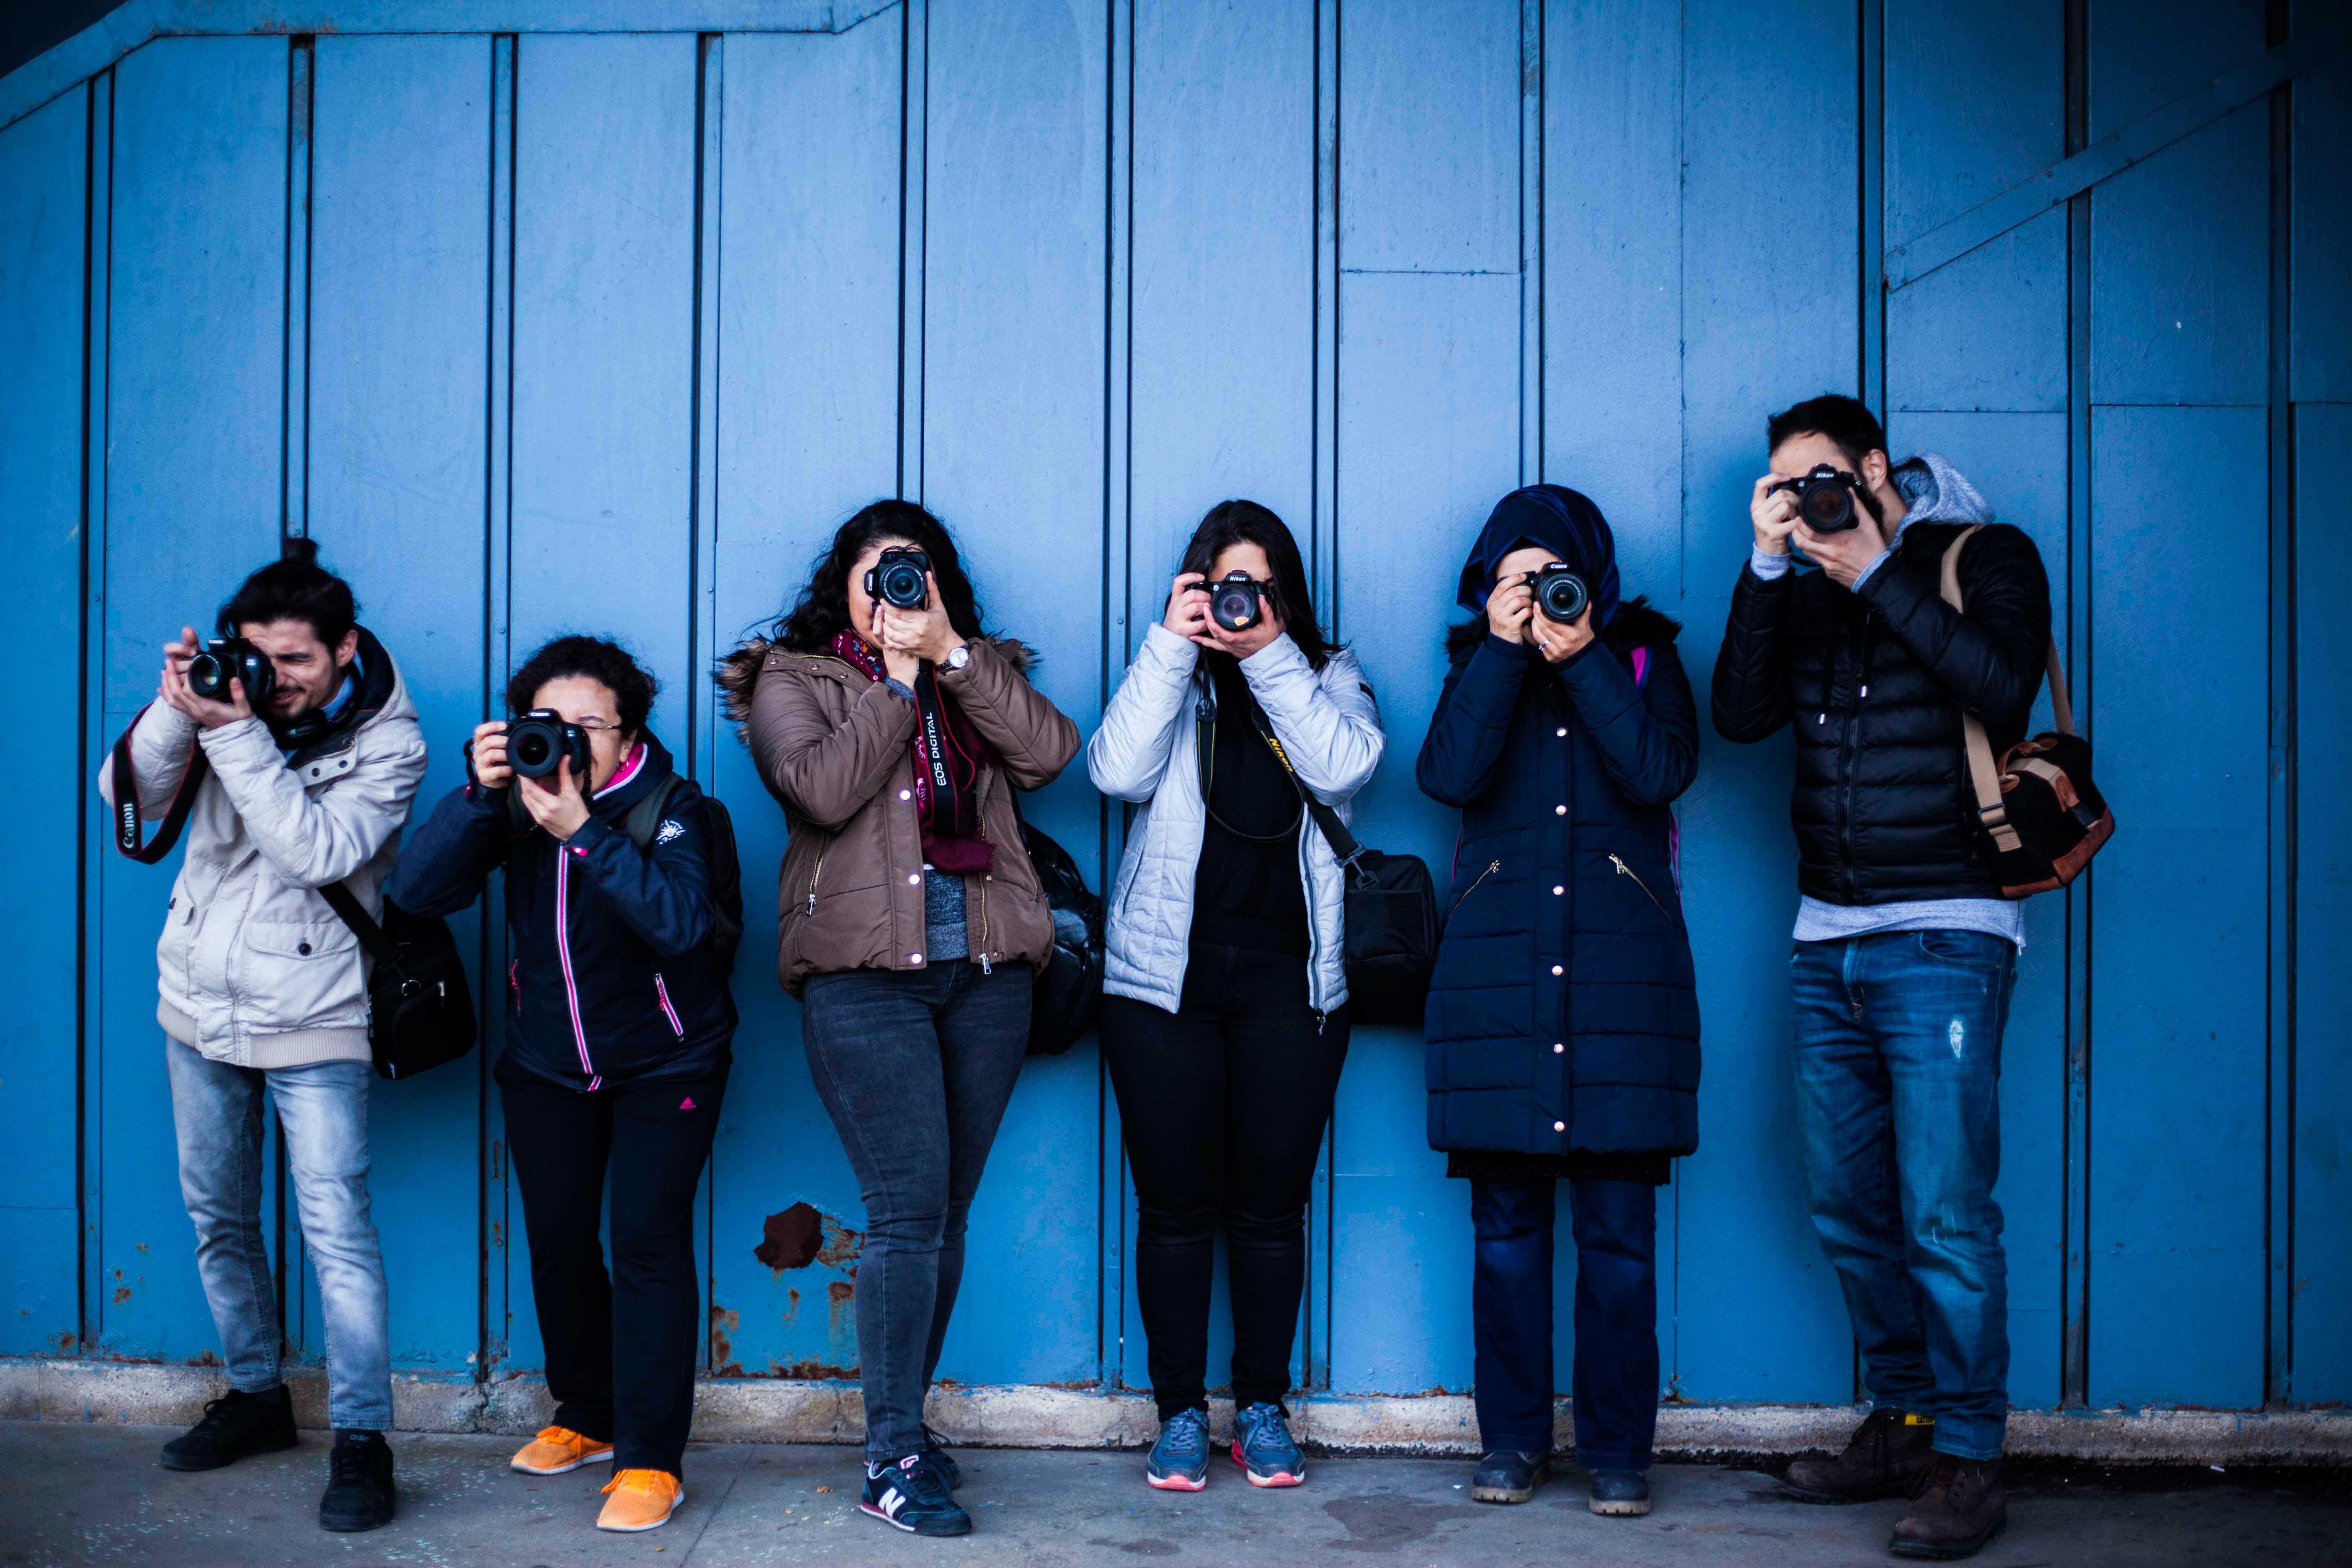 Kurs: Sertifikalı Fotoğrafçılık Eğitimi